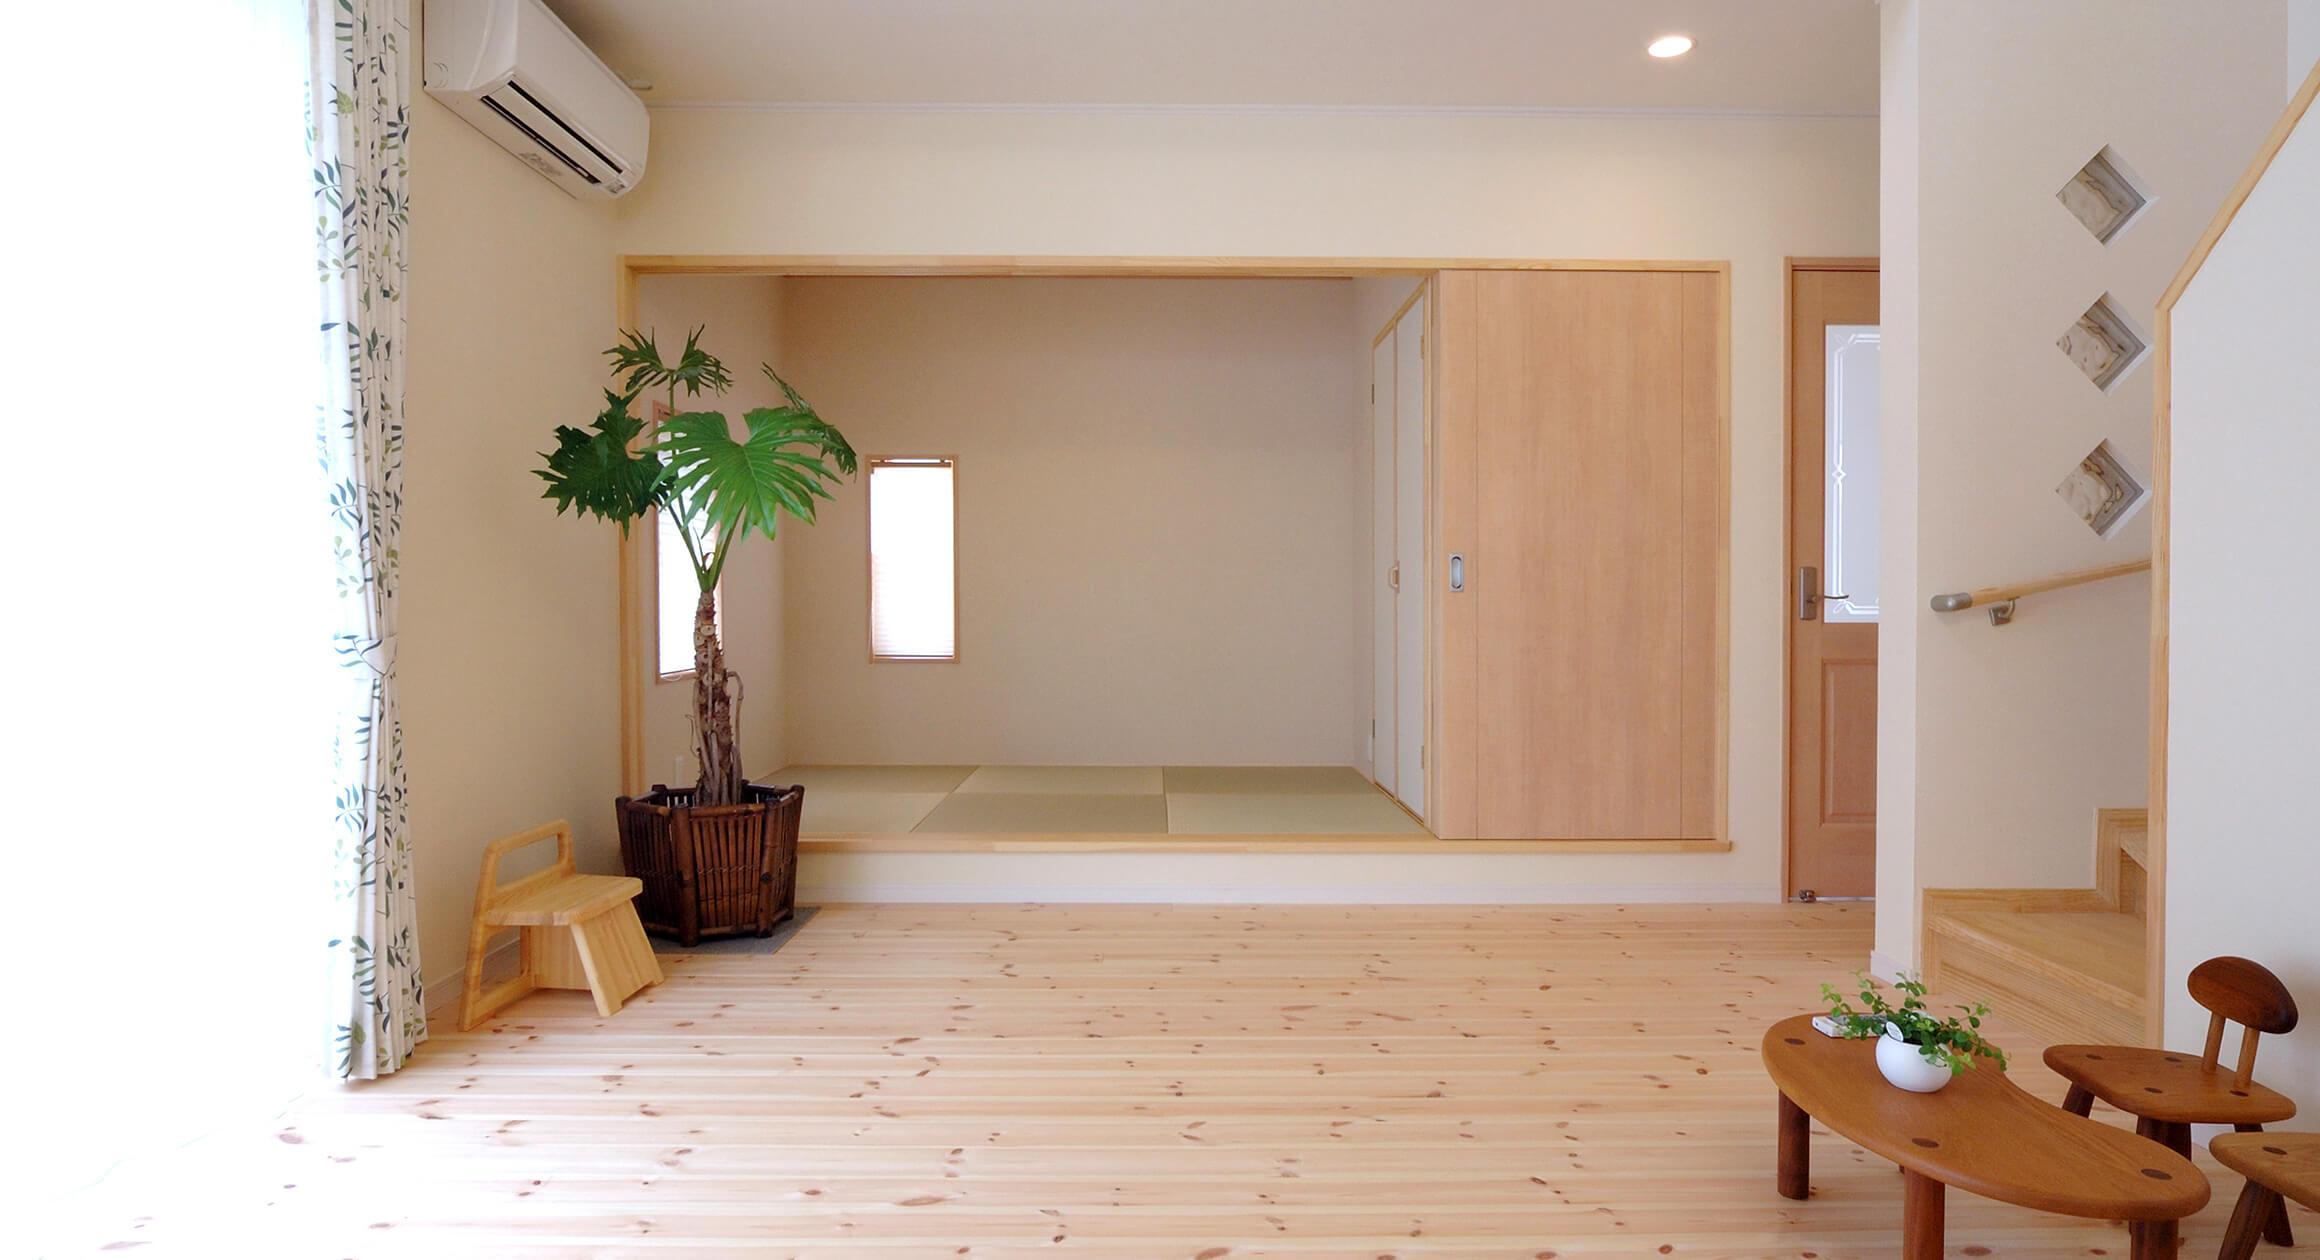 三友工務店の注文住宅 熊本市O様邸